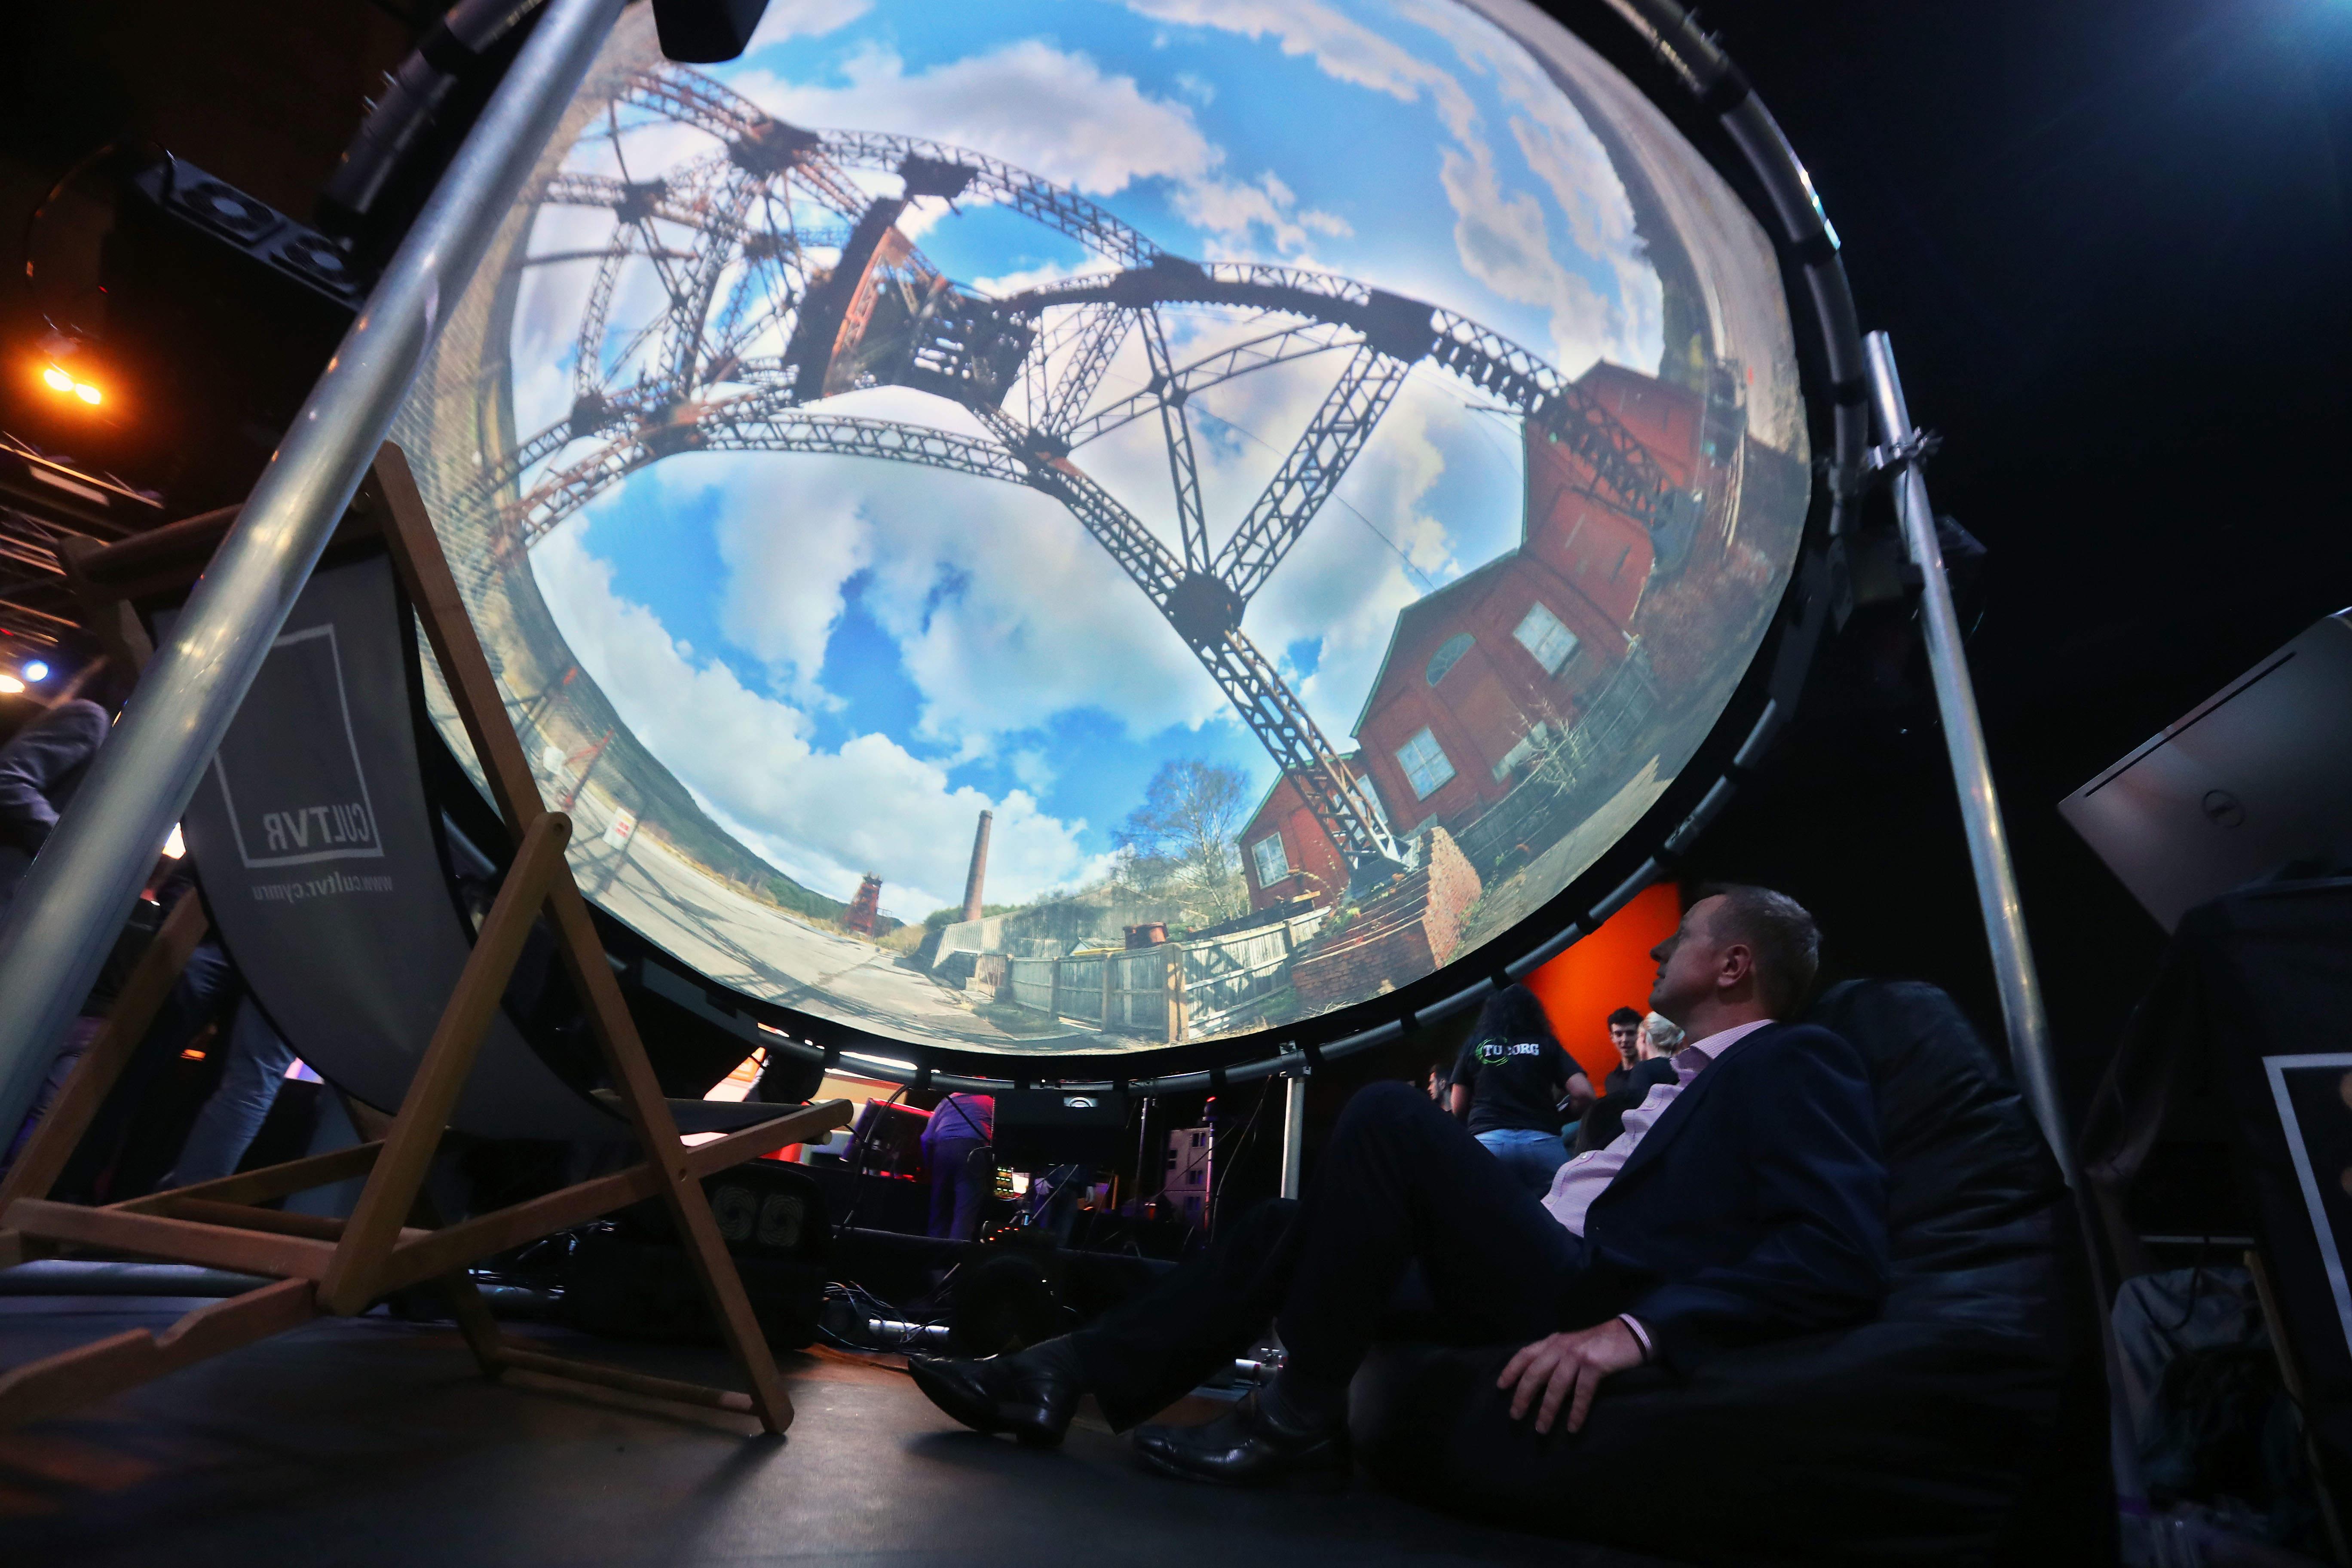 David-Warrender-CEO-of-Innovation-Point-at-Digital-Festival-2-2